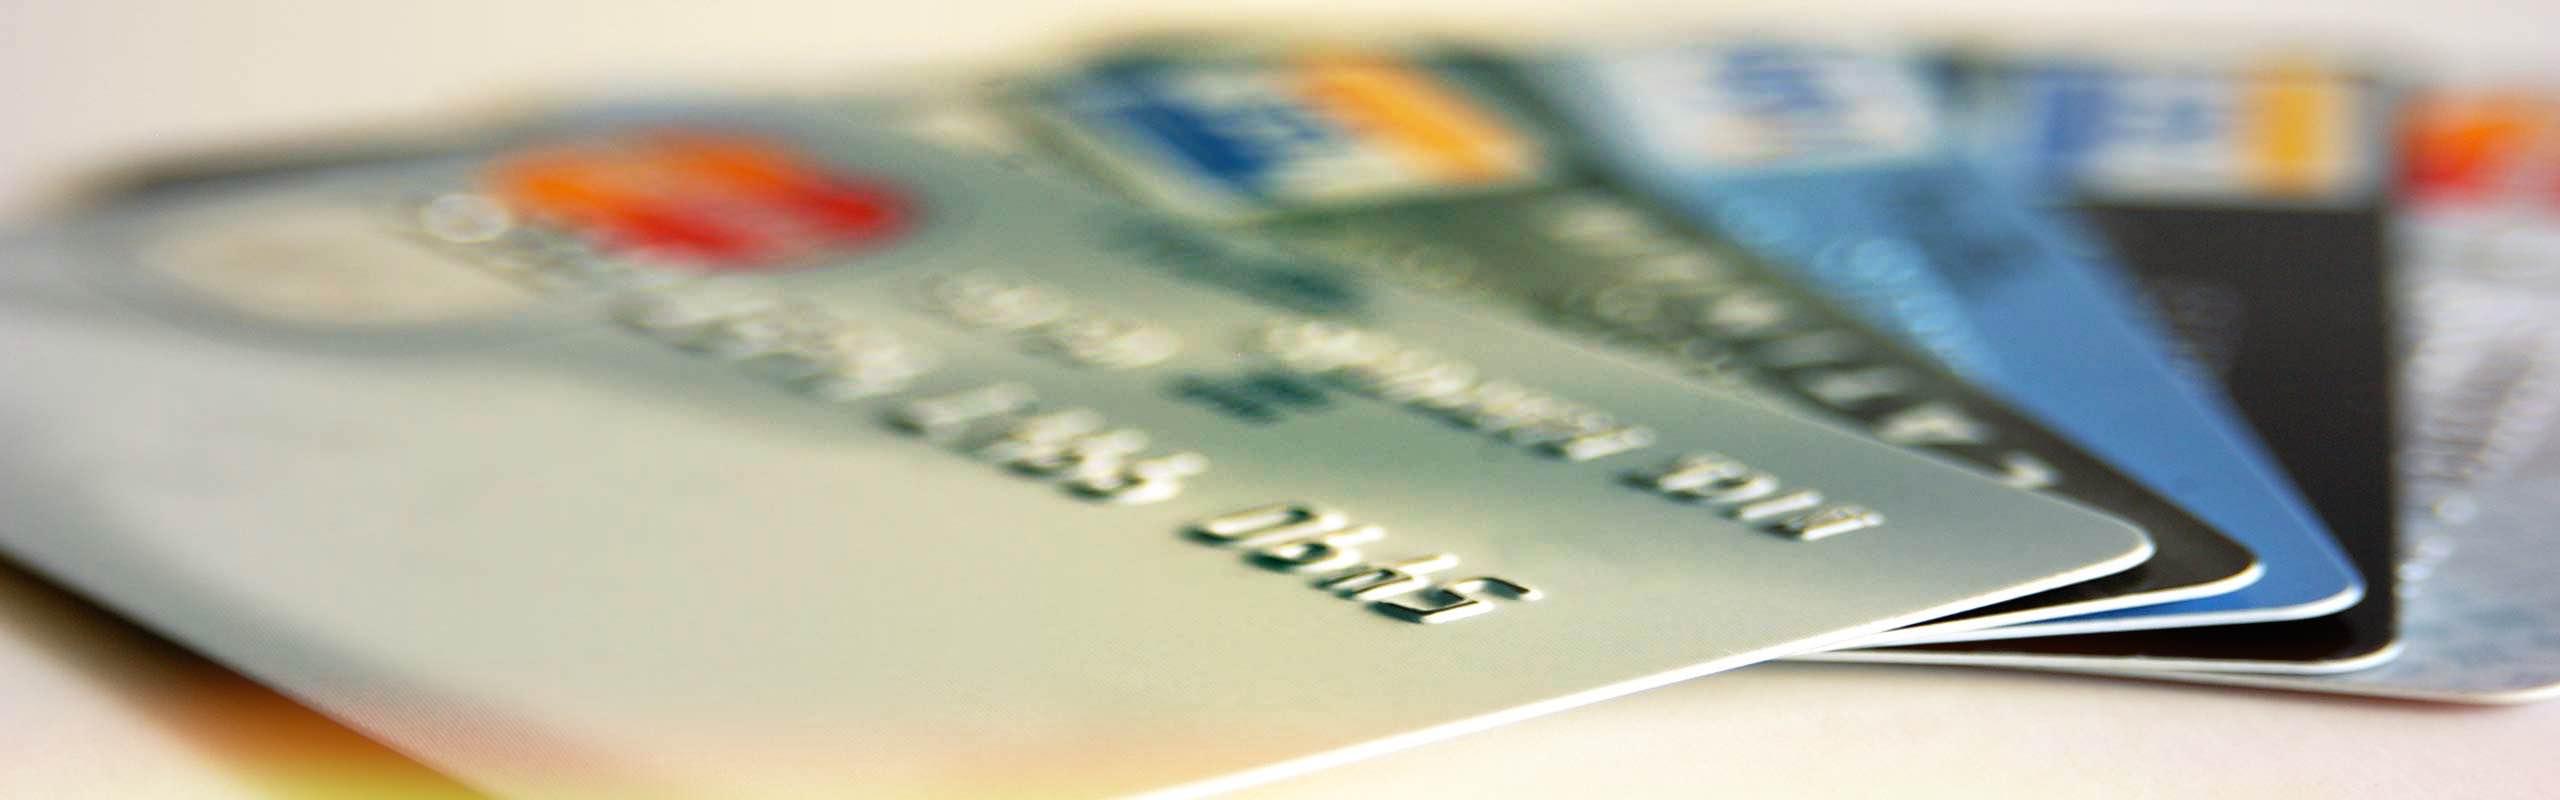 Quels sont les tarifs des cartes bancaires appliqués par crédit mutuel ?